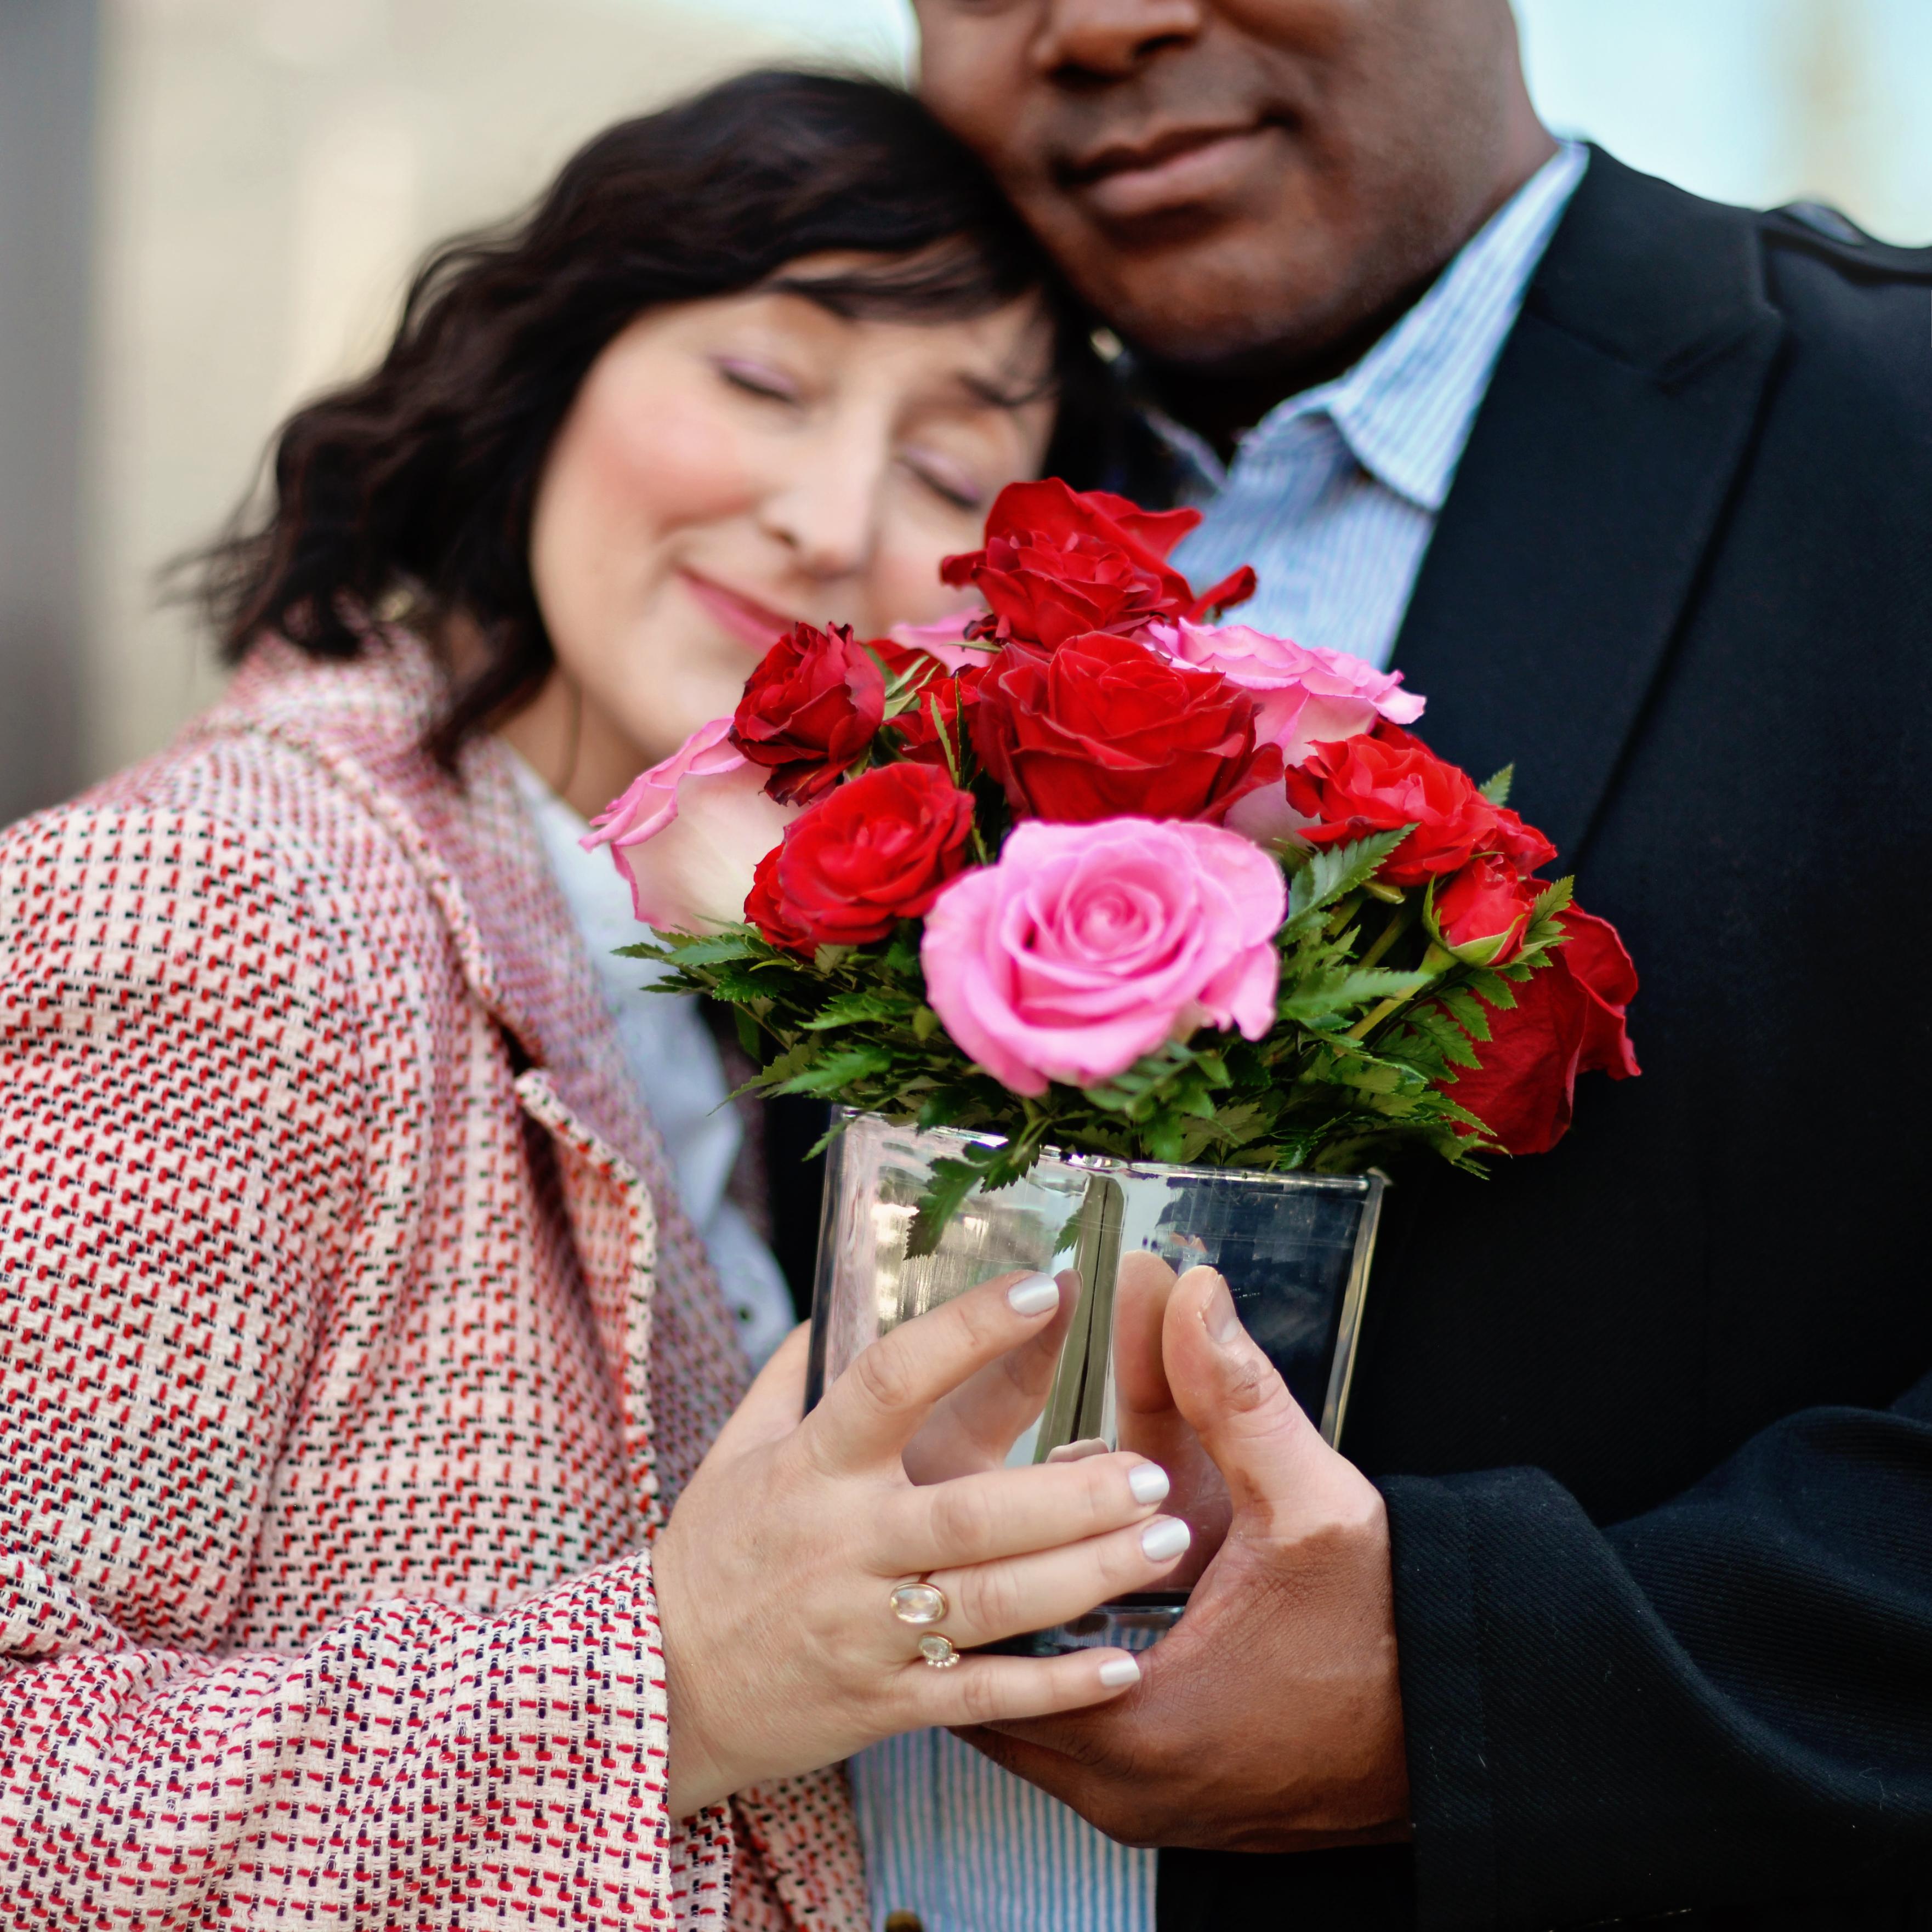 couple on valentine